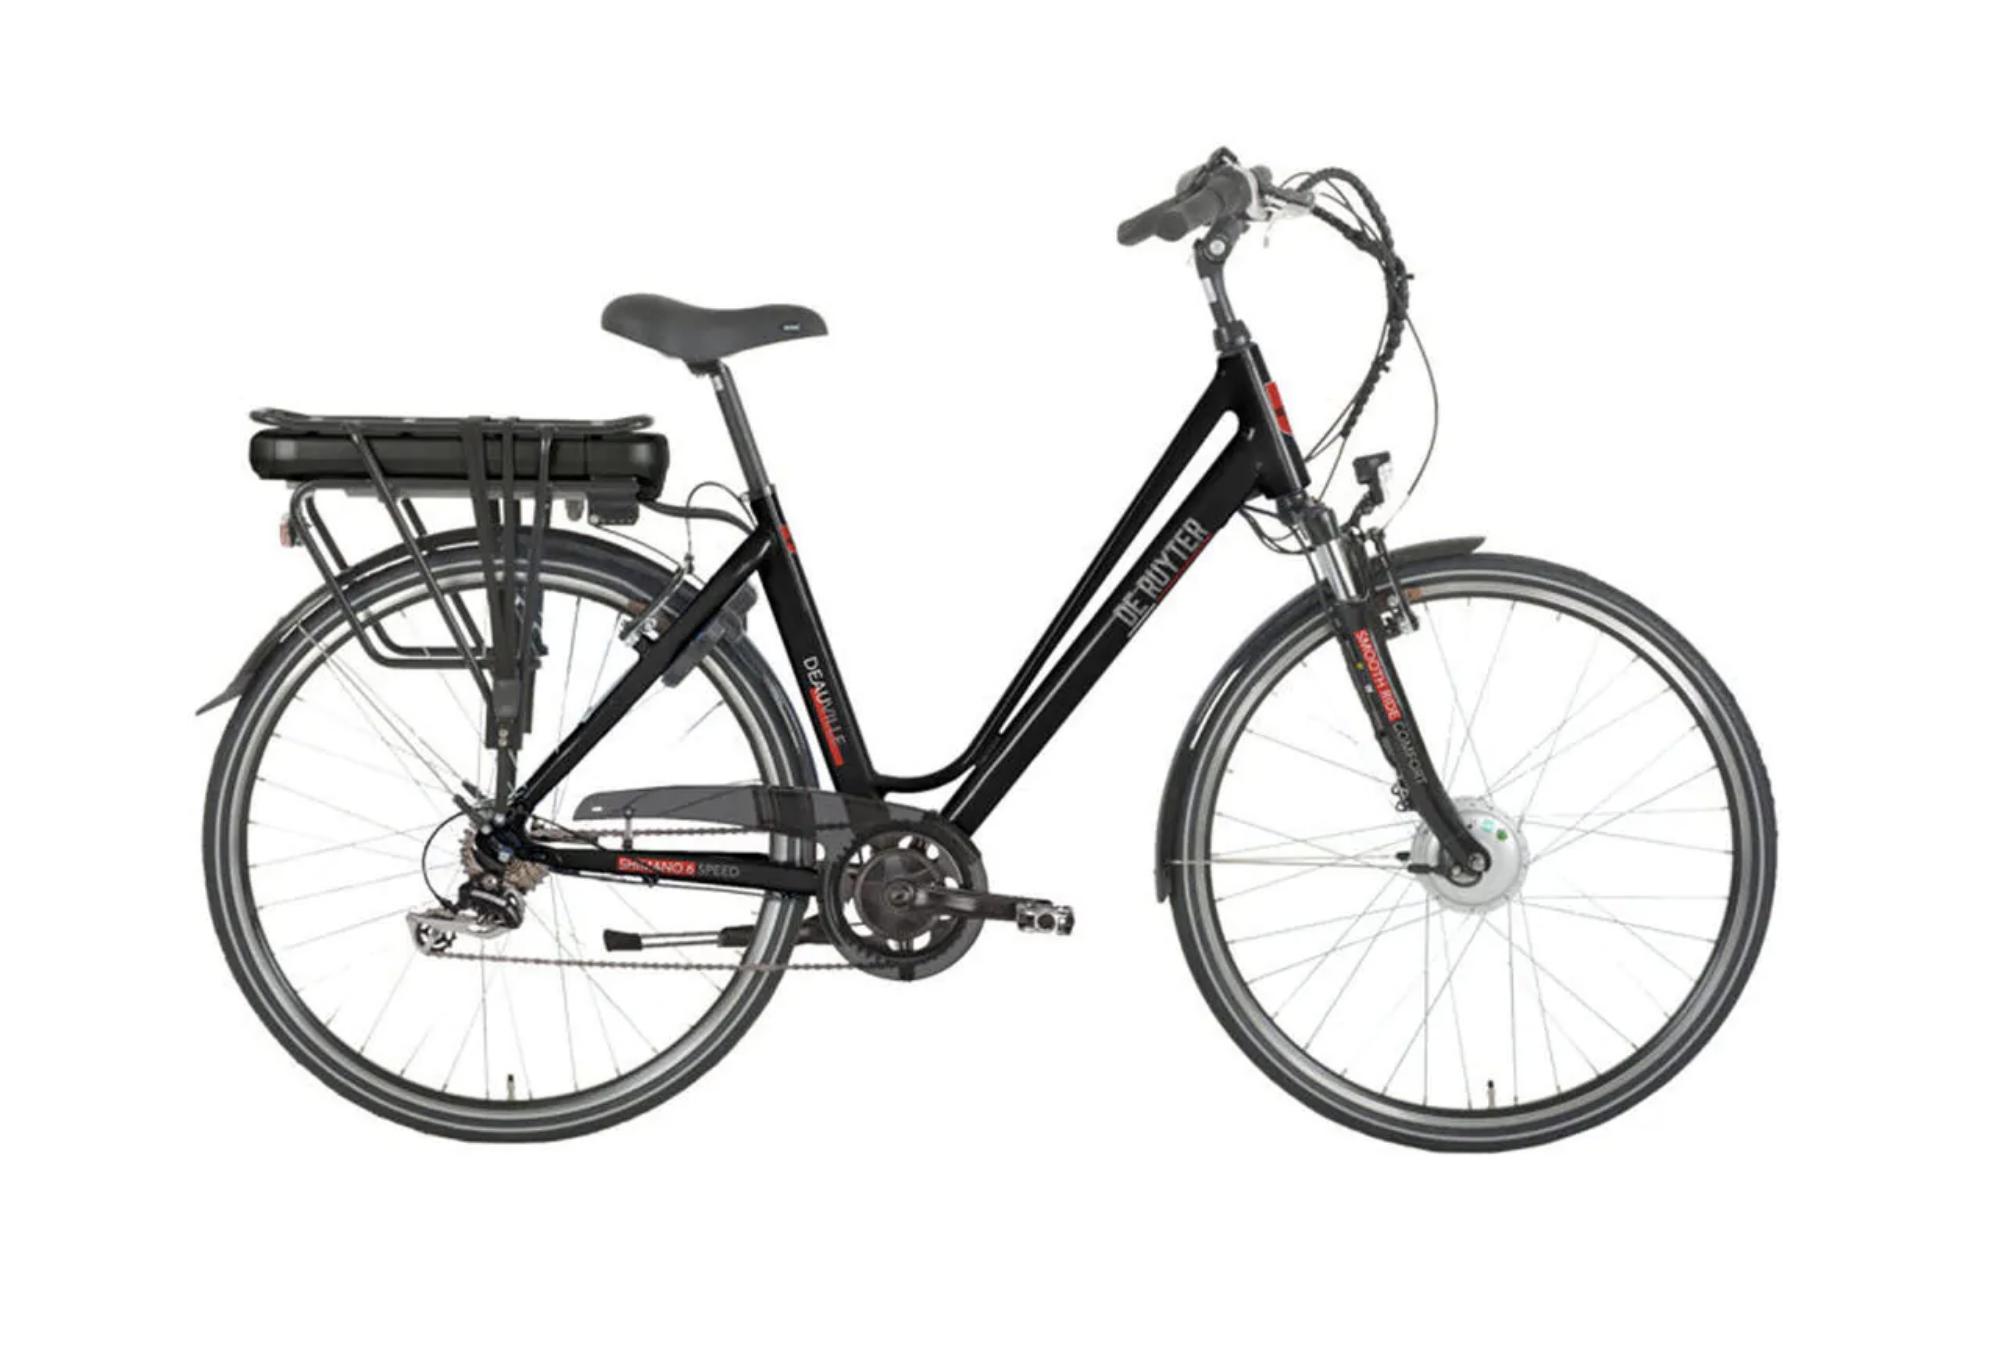 De Ruyter Deauville e-bike, elektrische fiets, black friday, korting, kruidvat